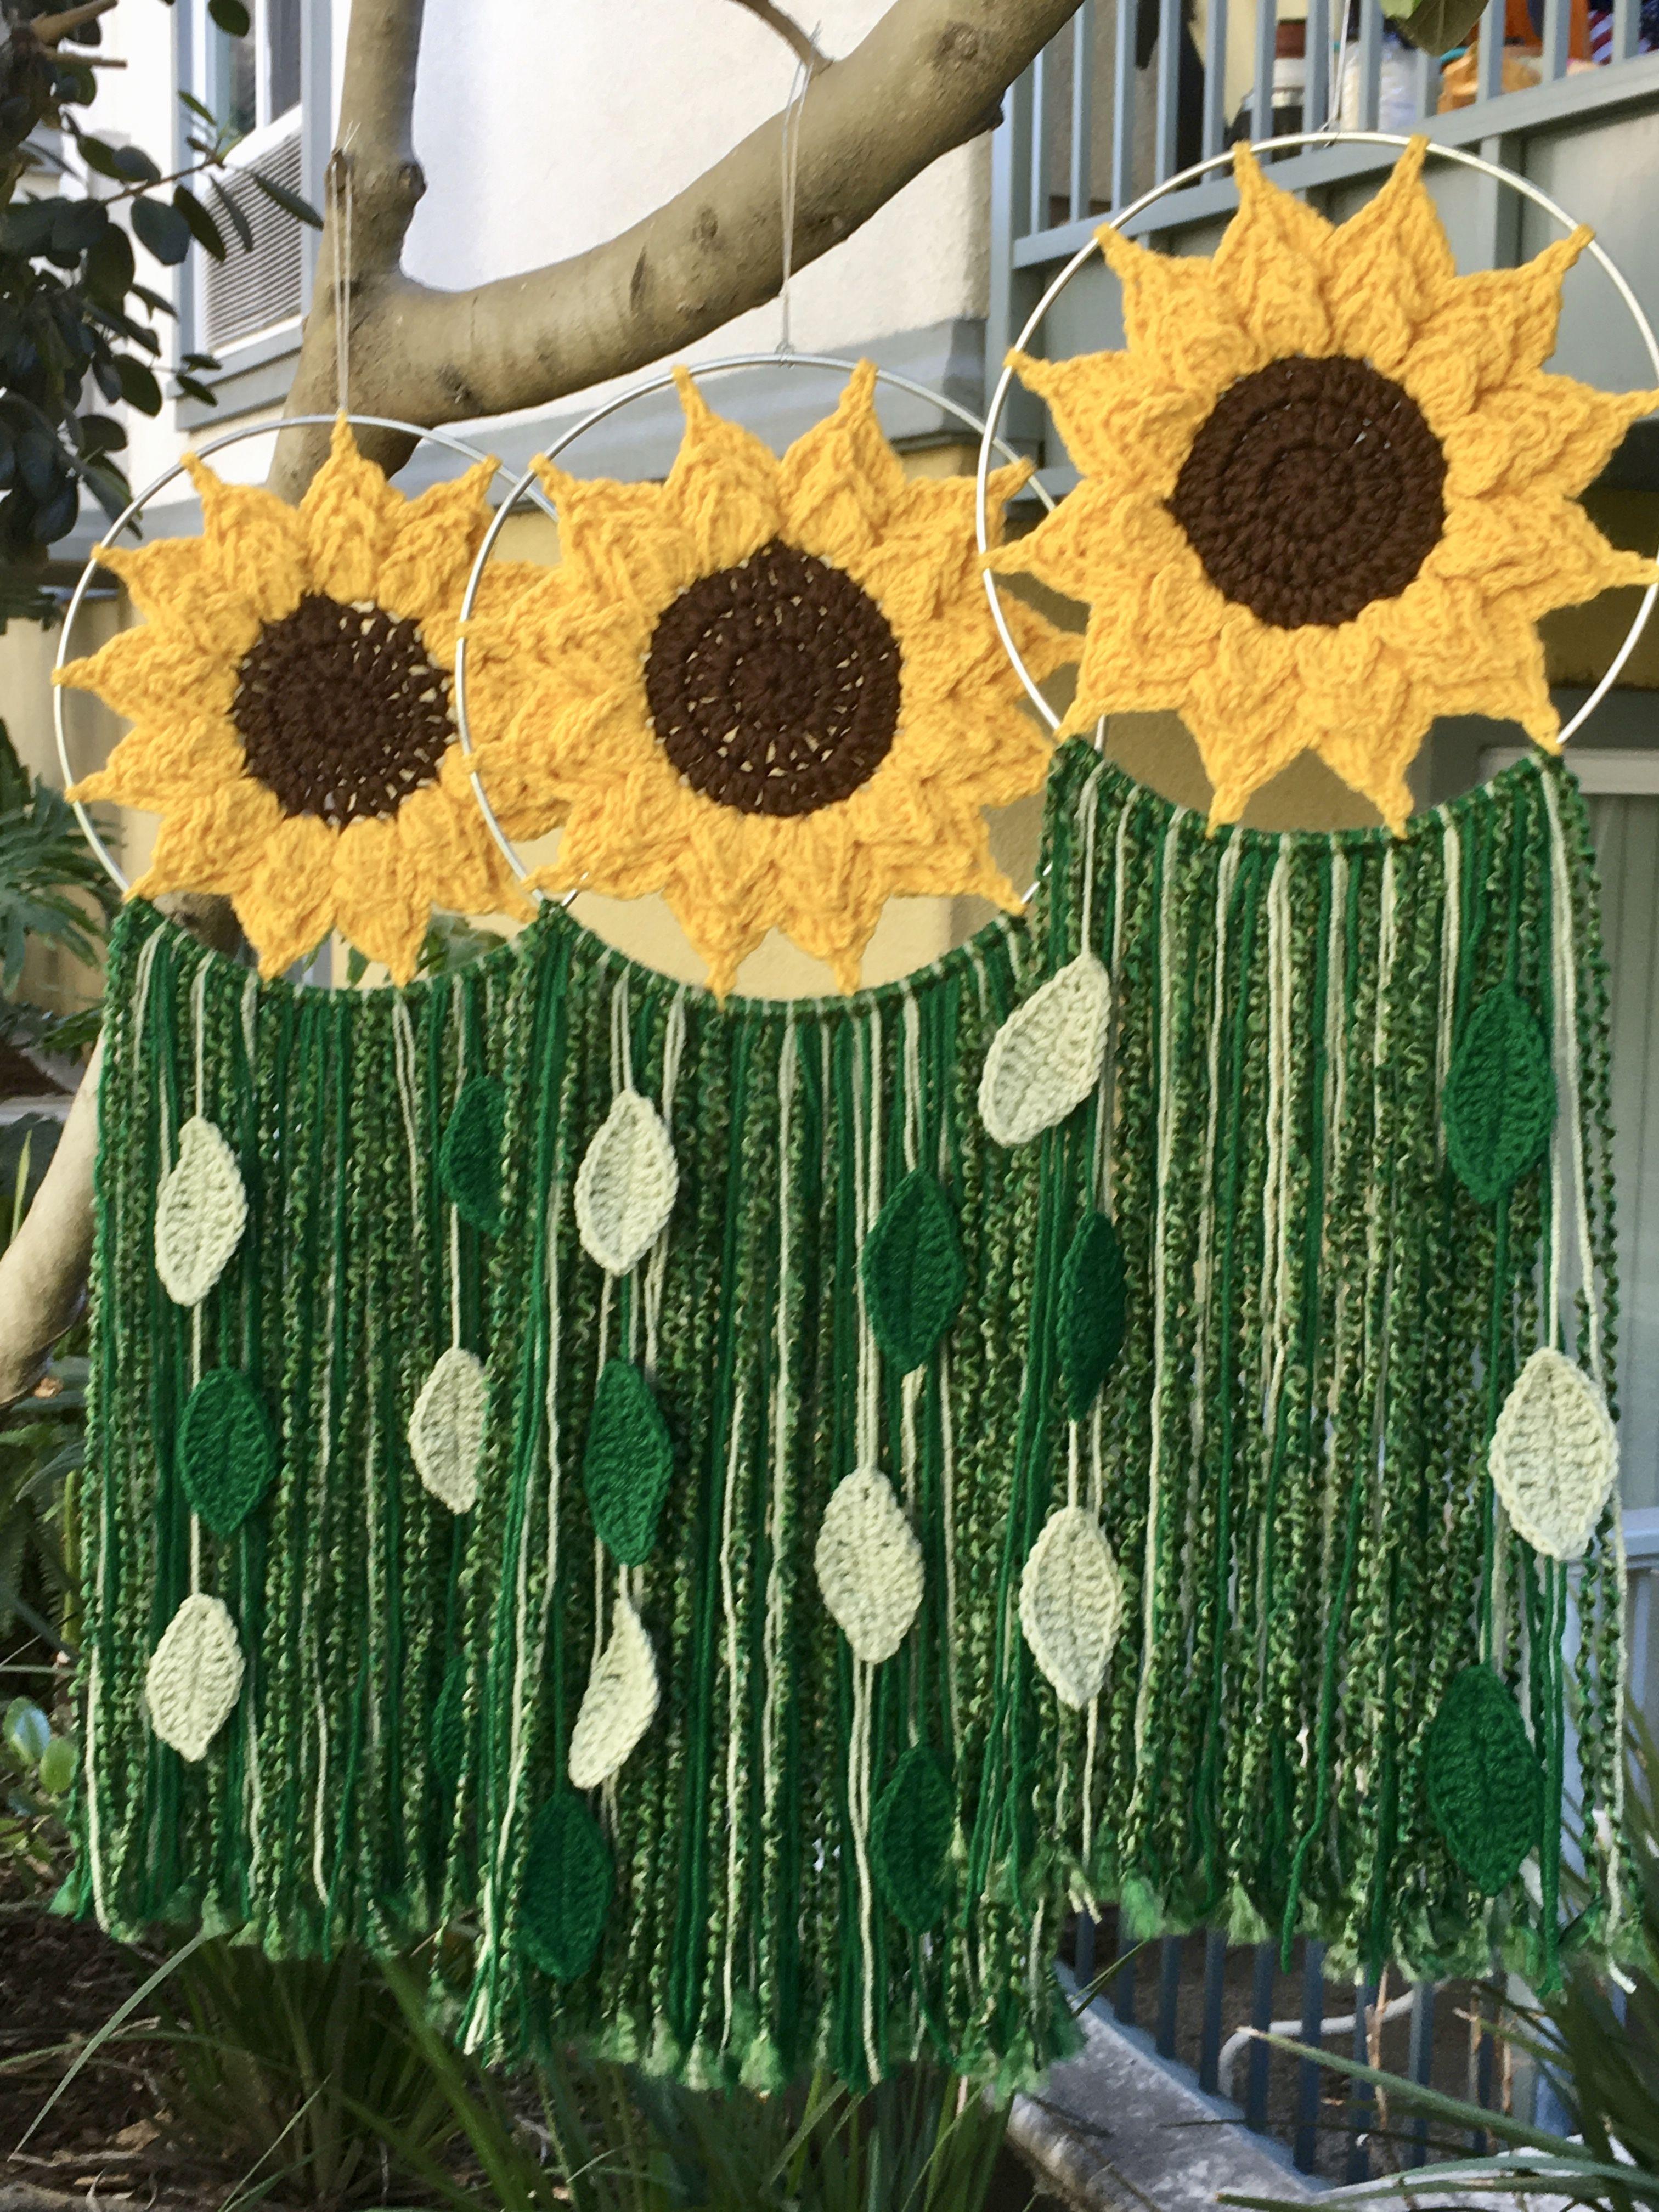 Crochet Sunflower Wall Hanging Sunflower Decor Home Decor Etsy In 2021 Crochet Sunflower Crochet Flower Tutorial Crochet Dreamcatcher